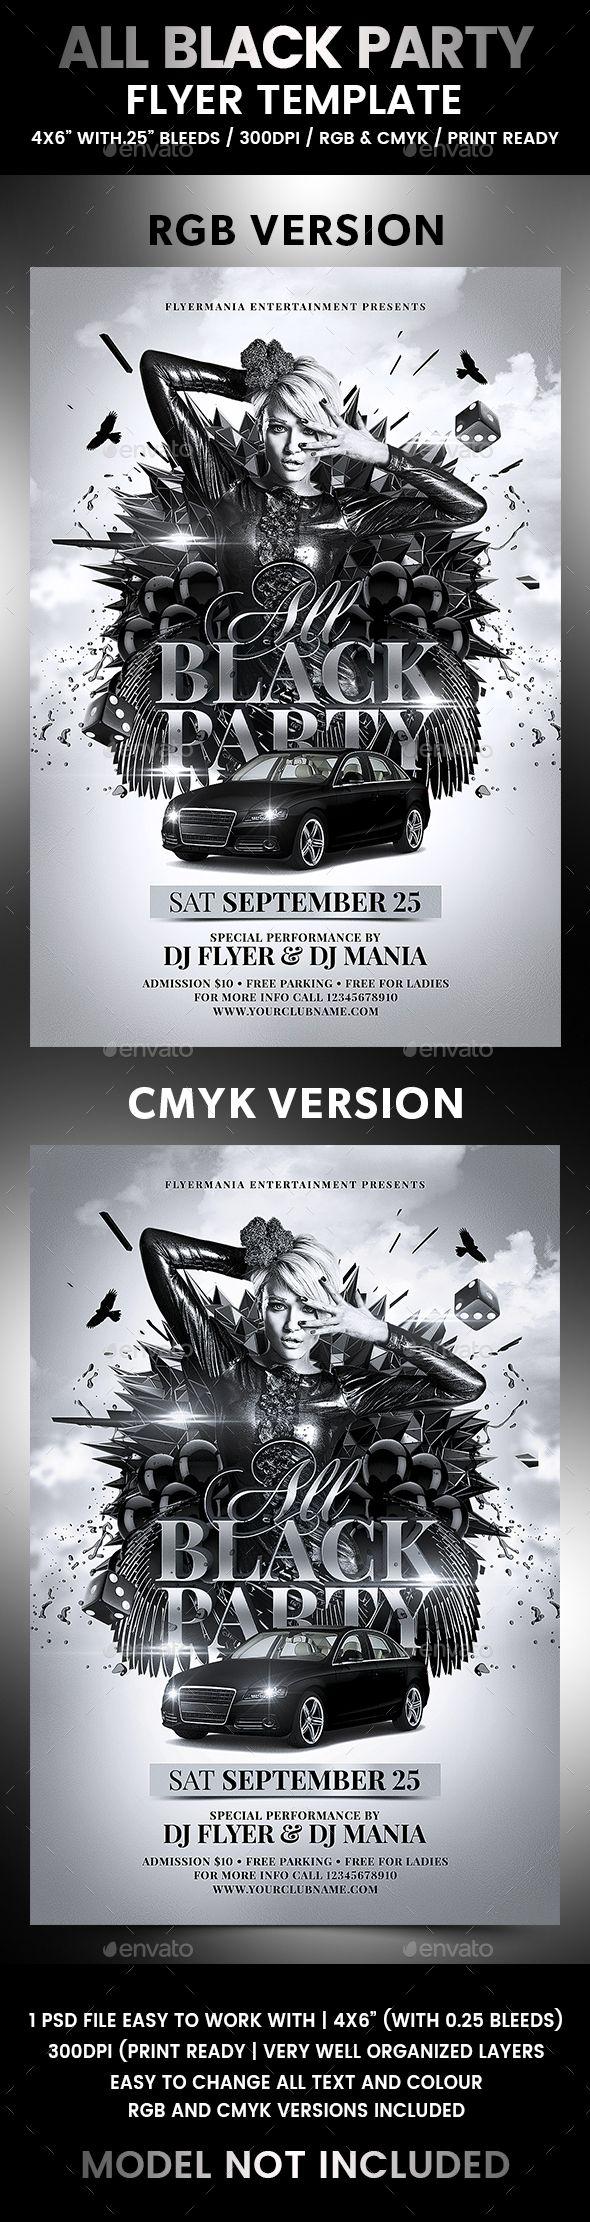 all black party flyer template flyer templates pinterest flyer